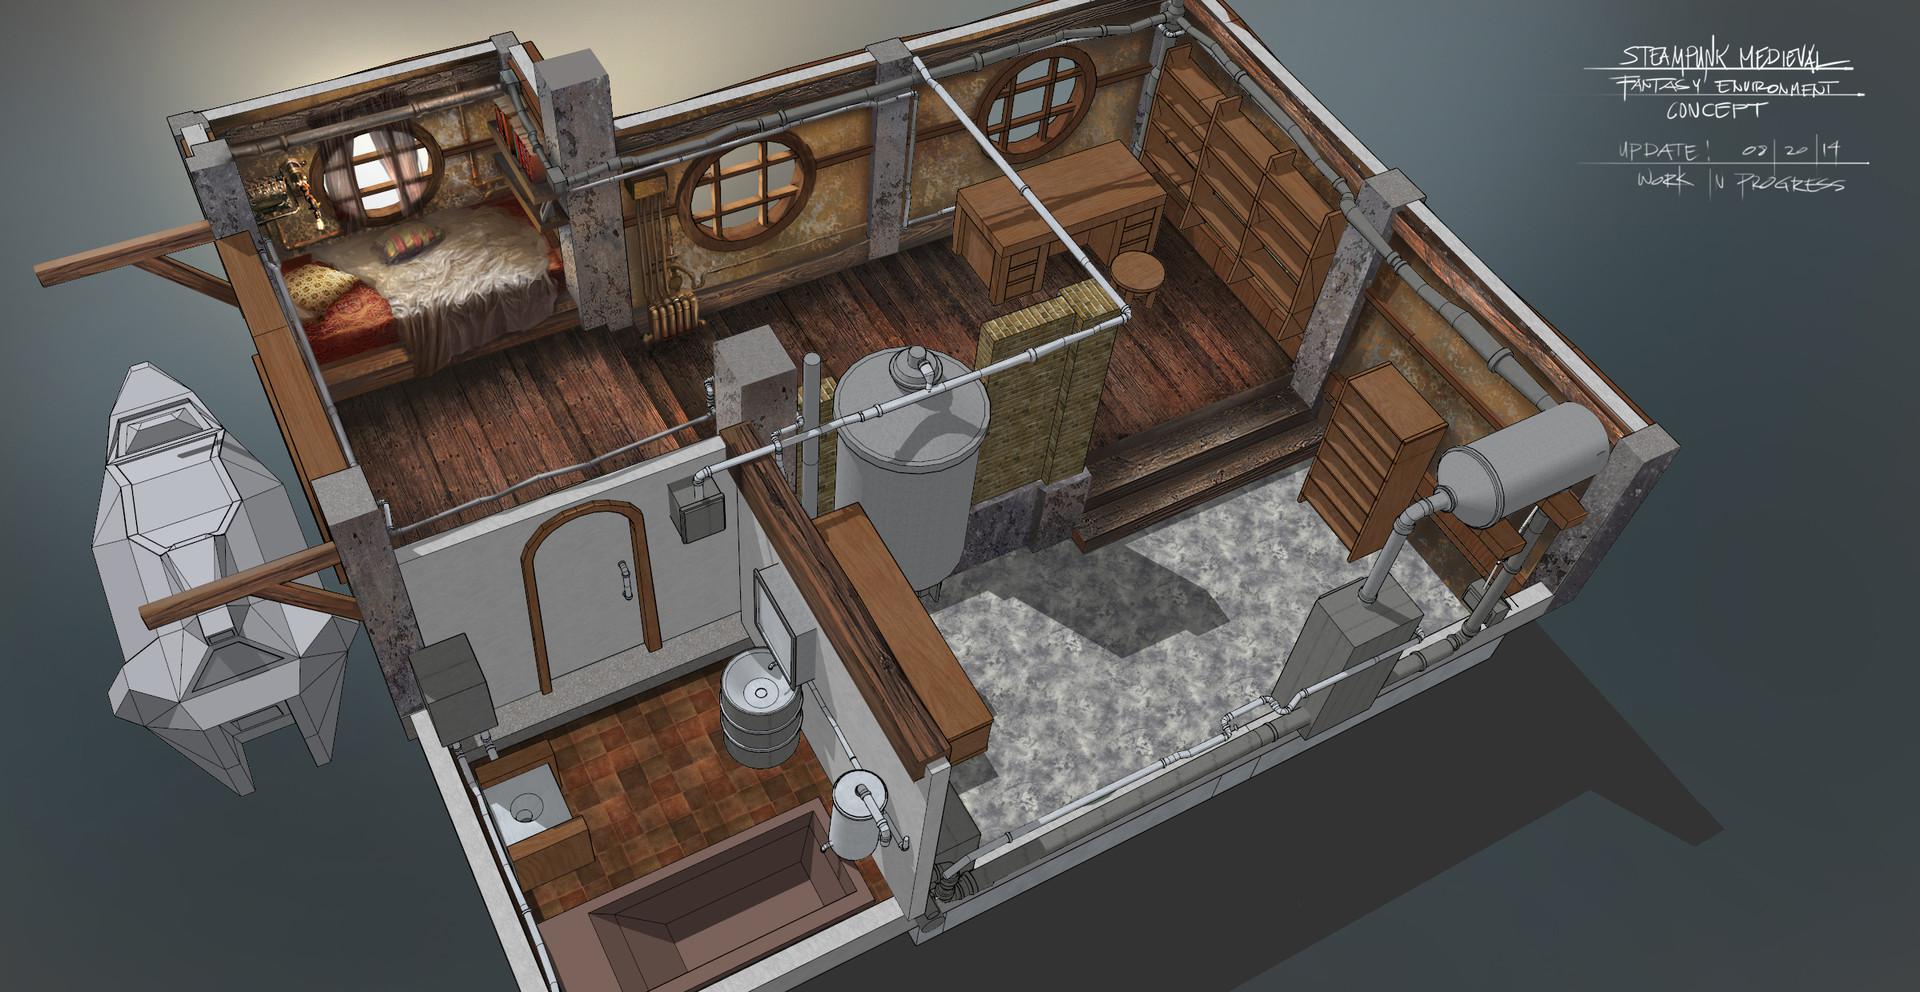 Ferdinand ladera steampunk interior wip0